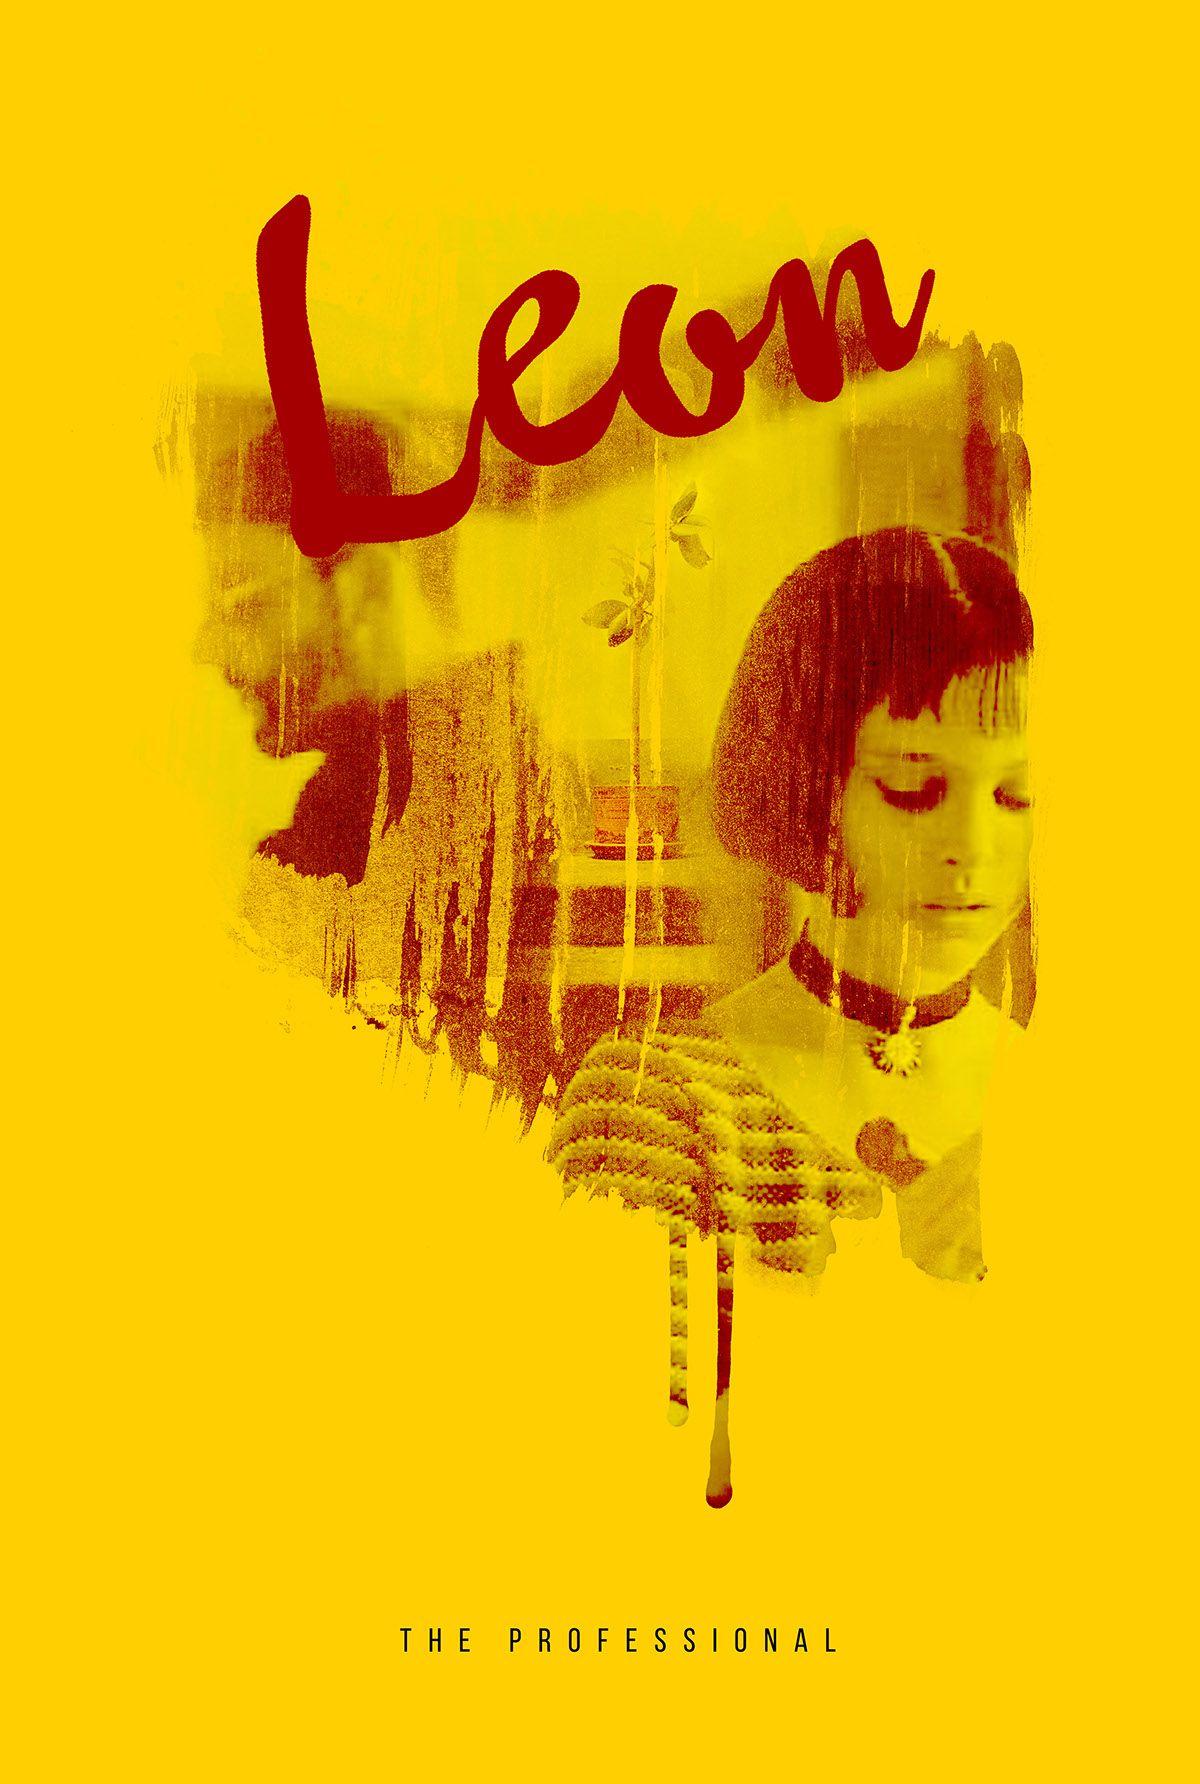 Leon  Poster 014 On Behance